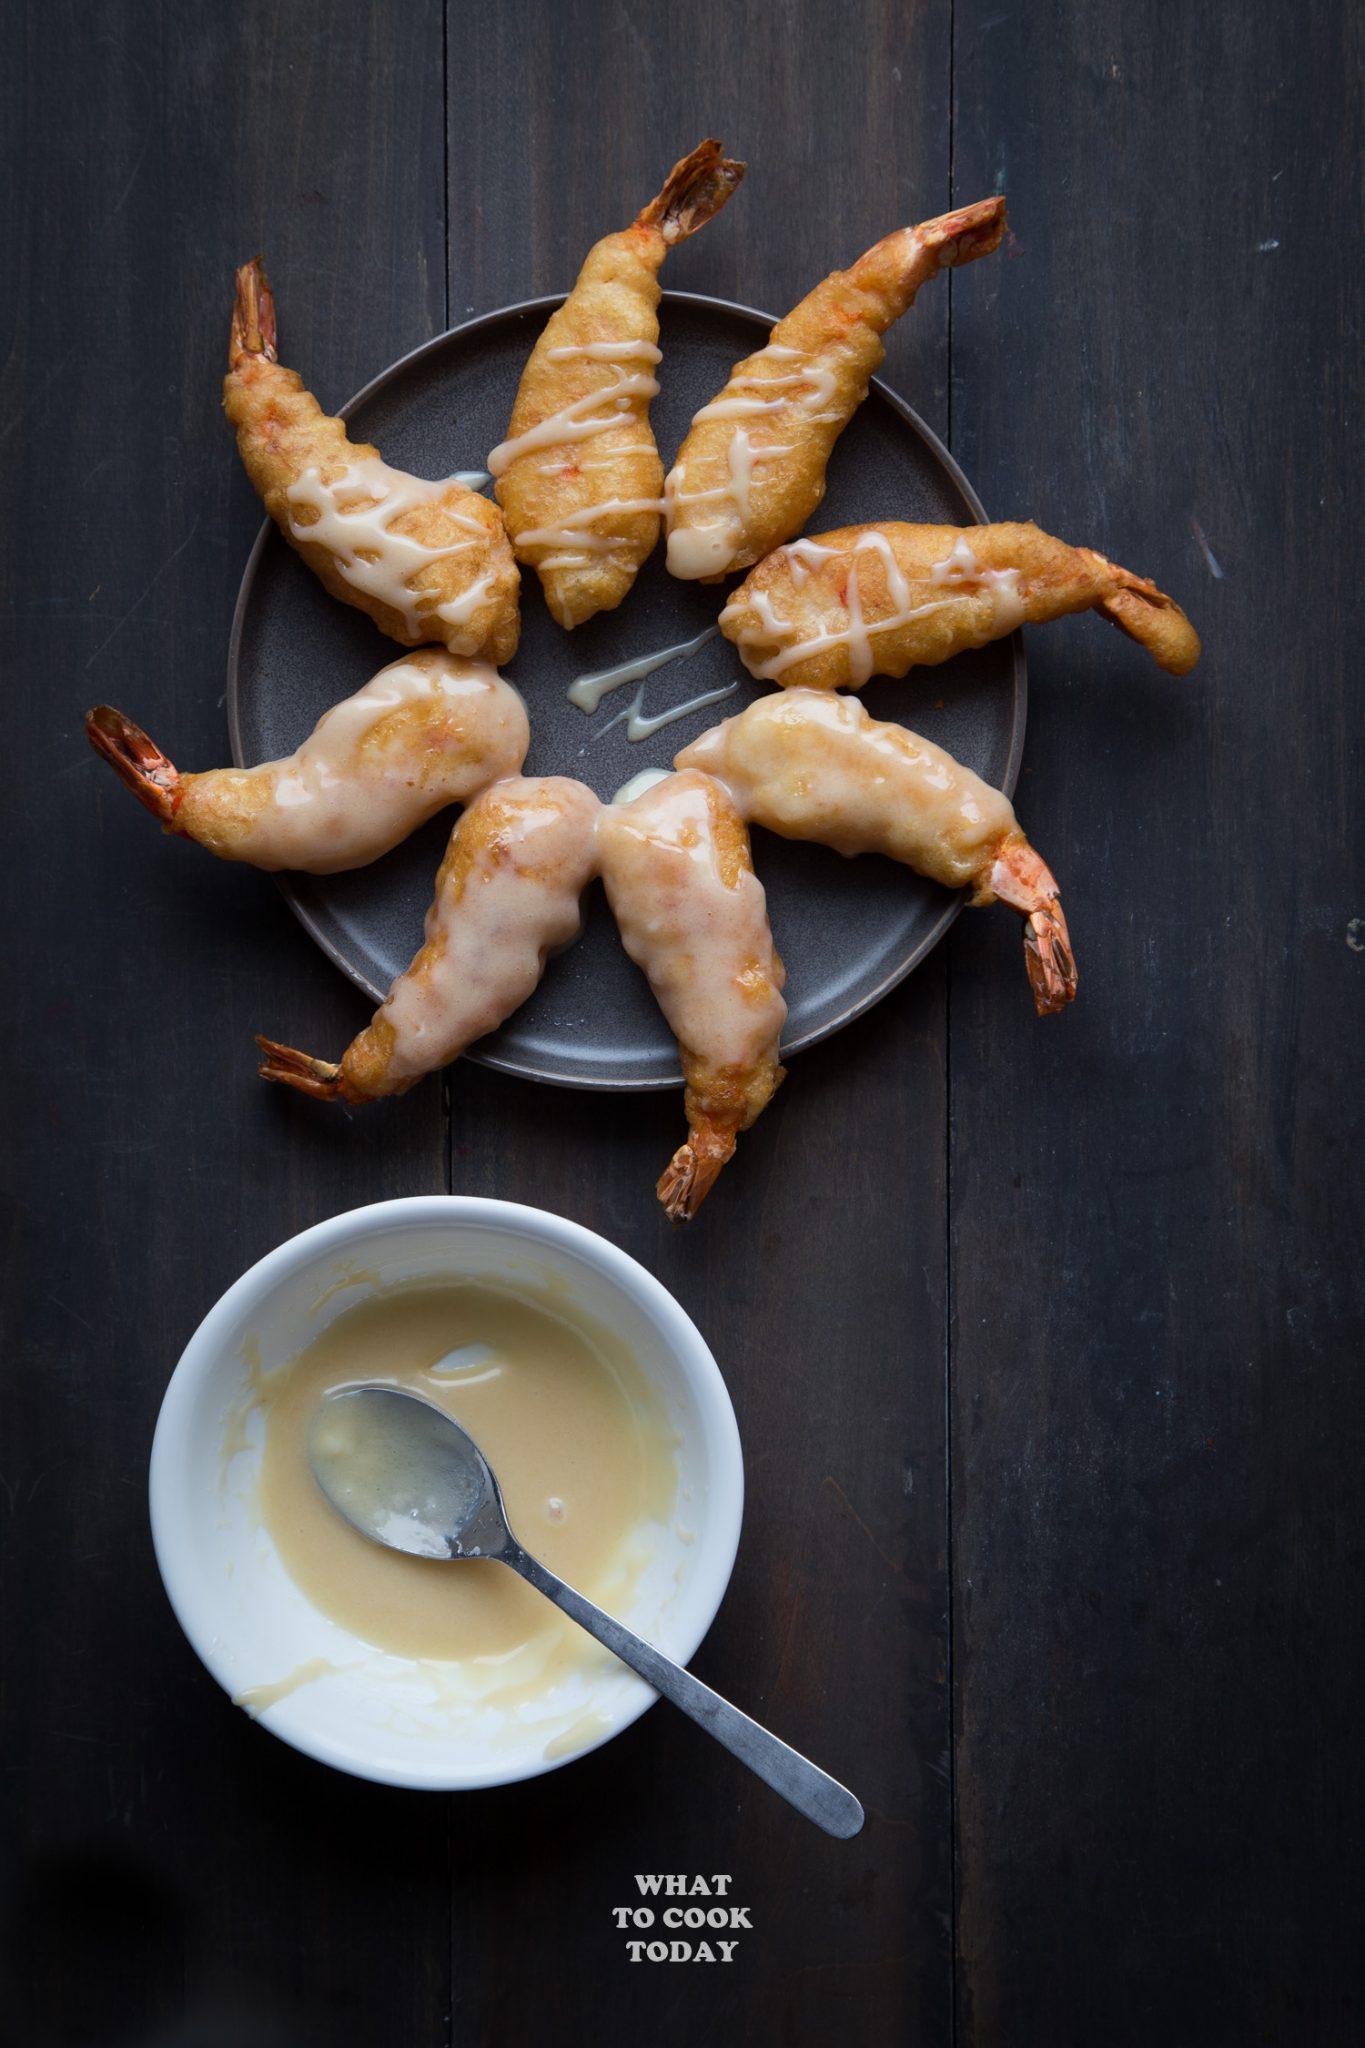 Leng Hong Kien : Mayonnaise, Udang/Sweet, Prawns